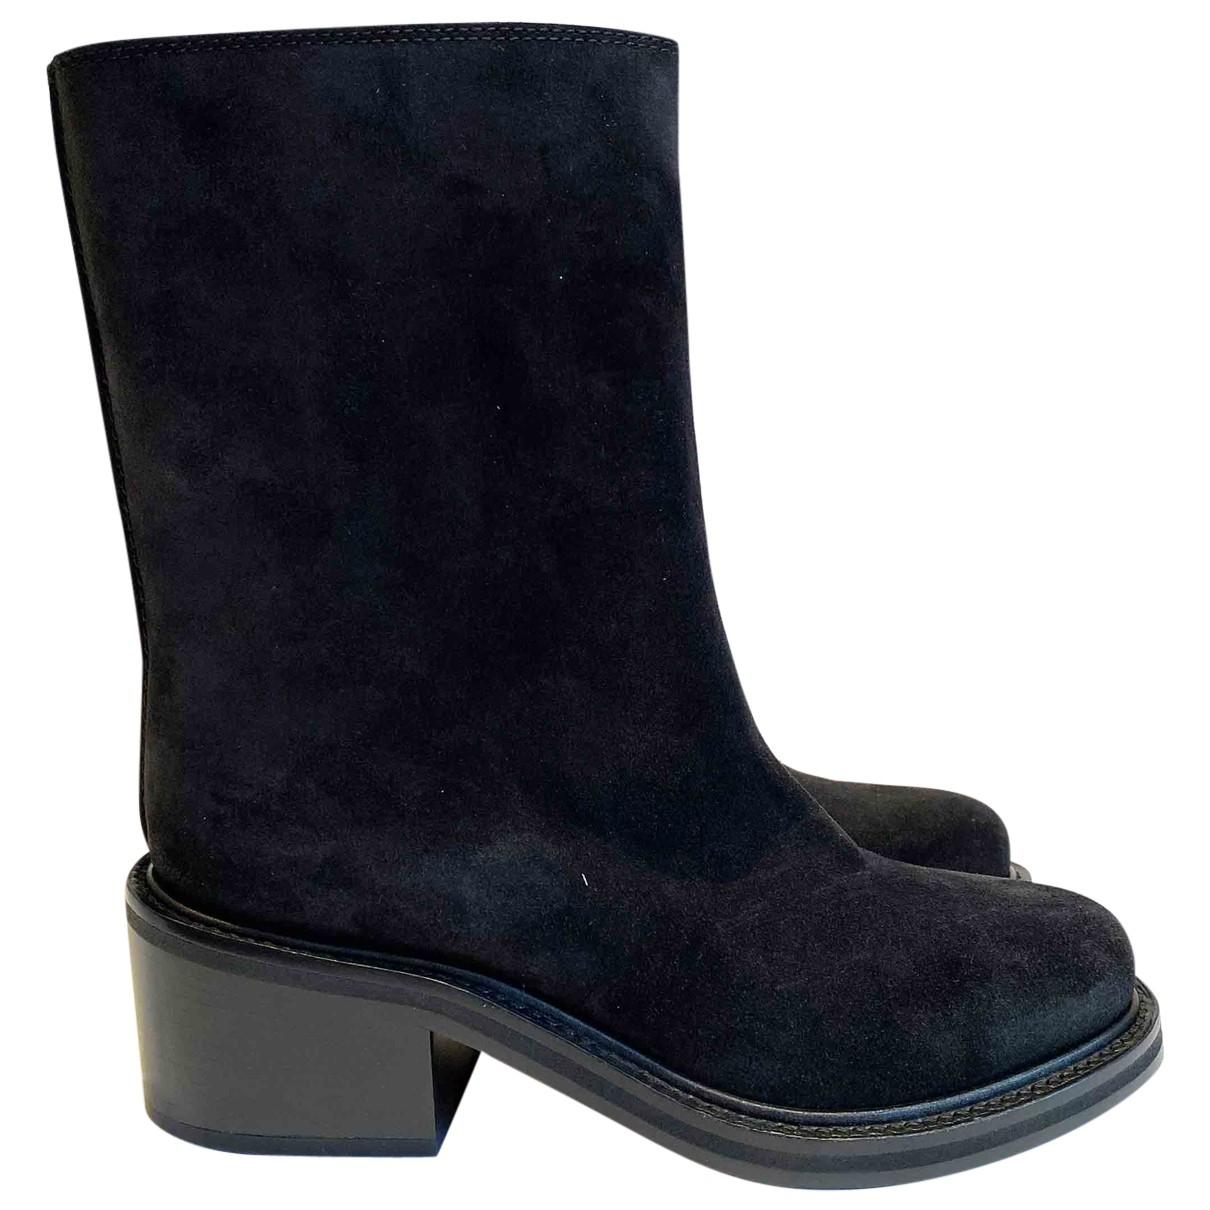 Proenza Schouler - Boots   pour femme en suede - noir